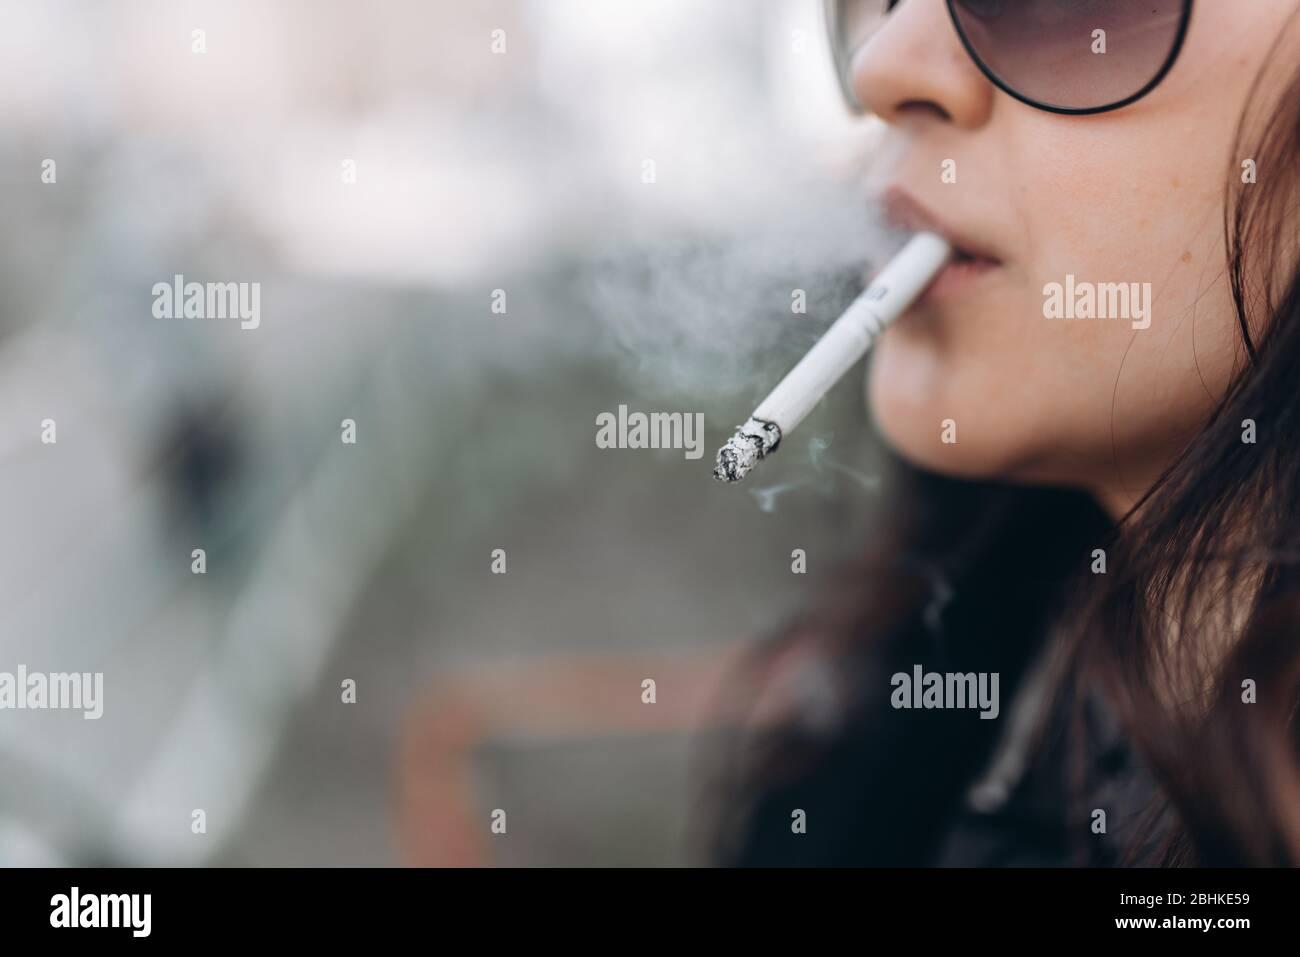 Smoke girl The Smoke